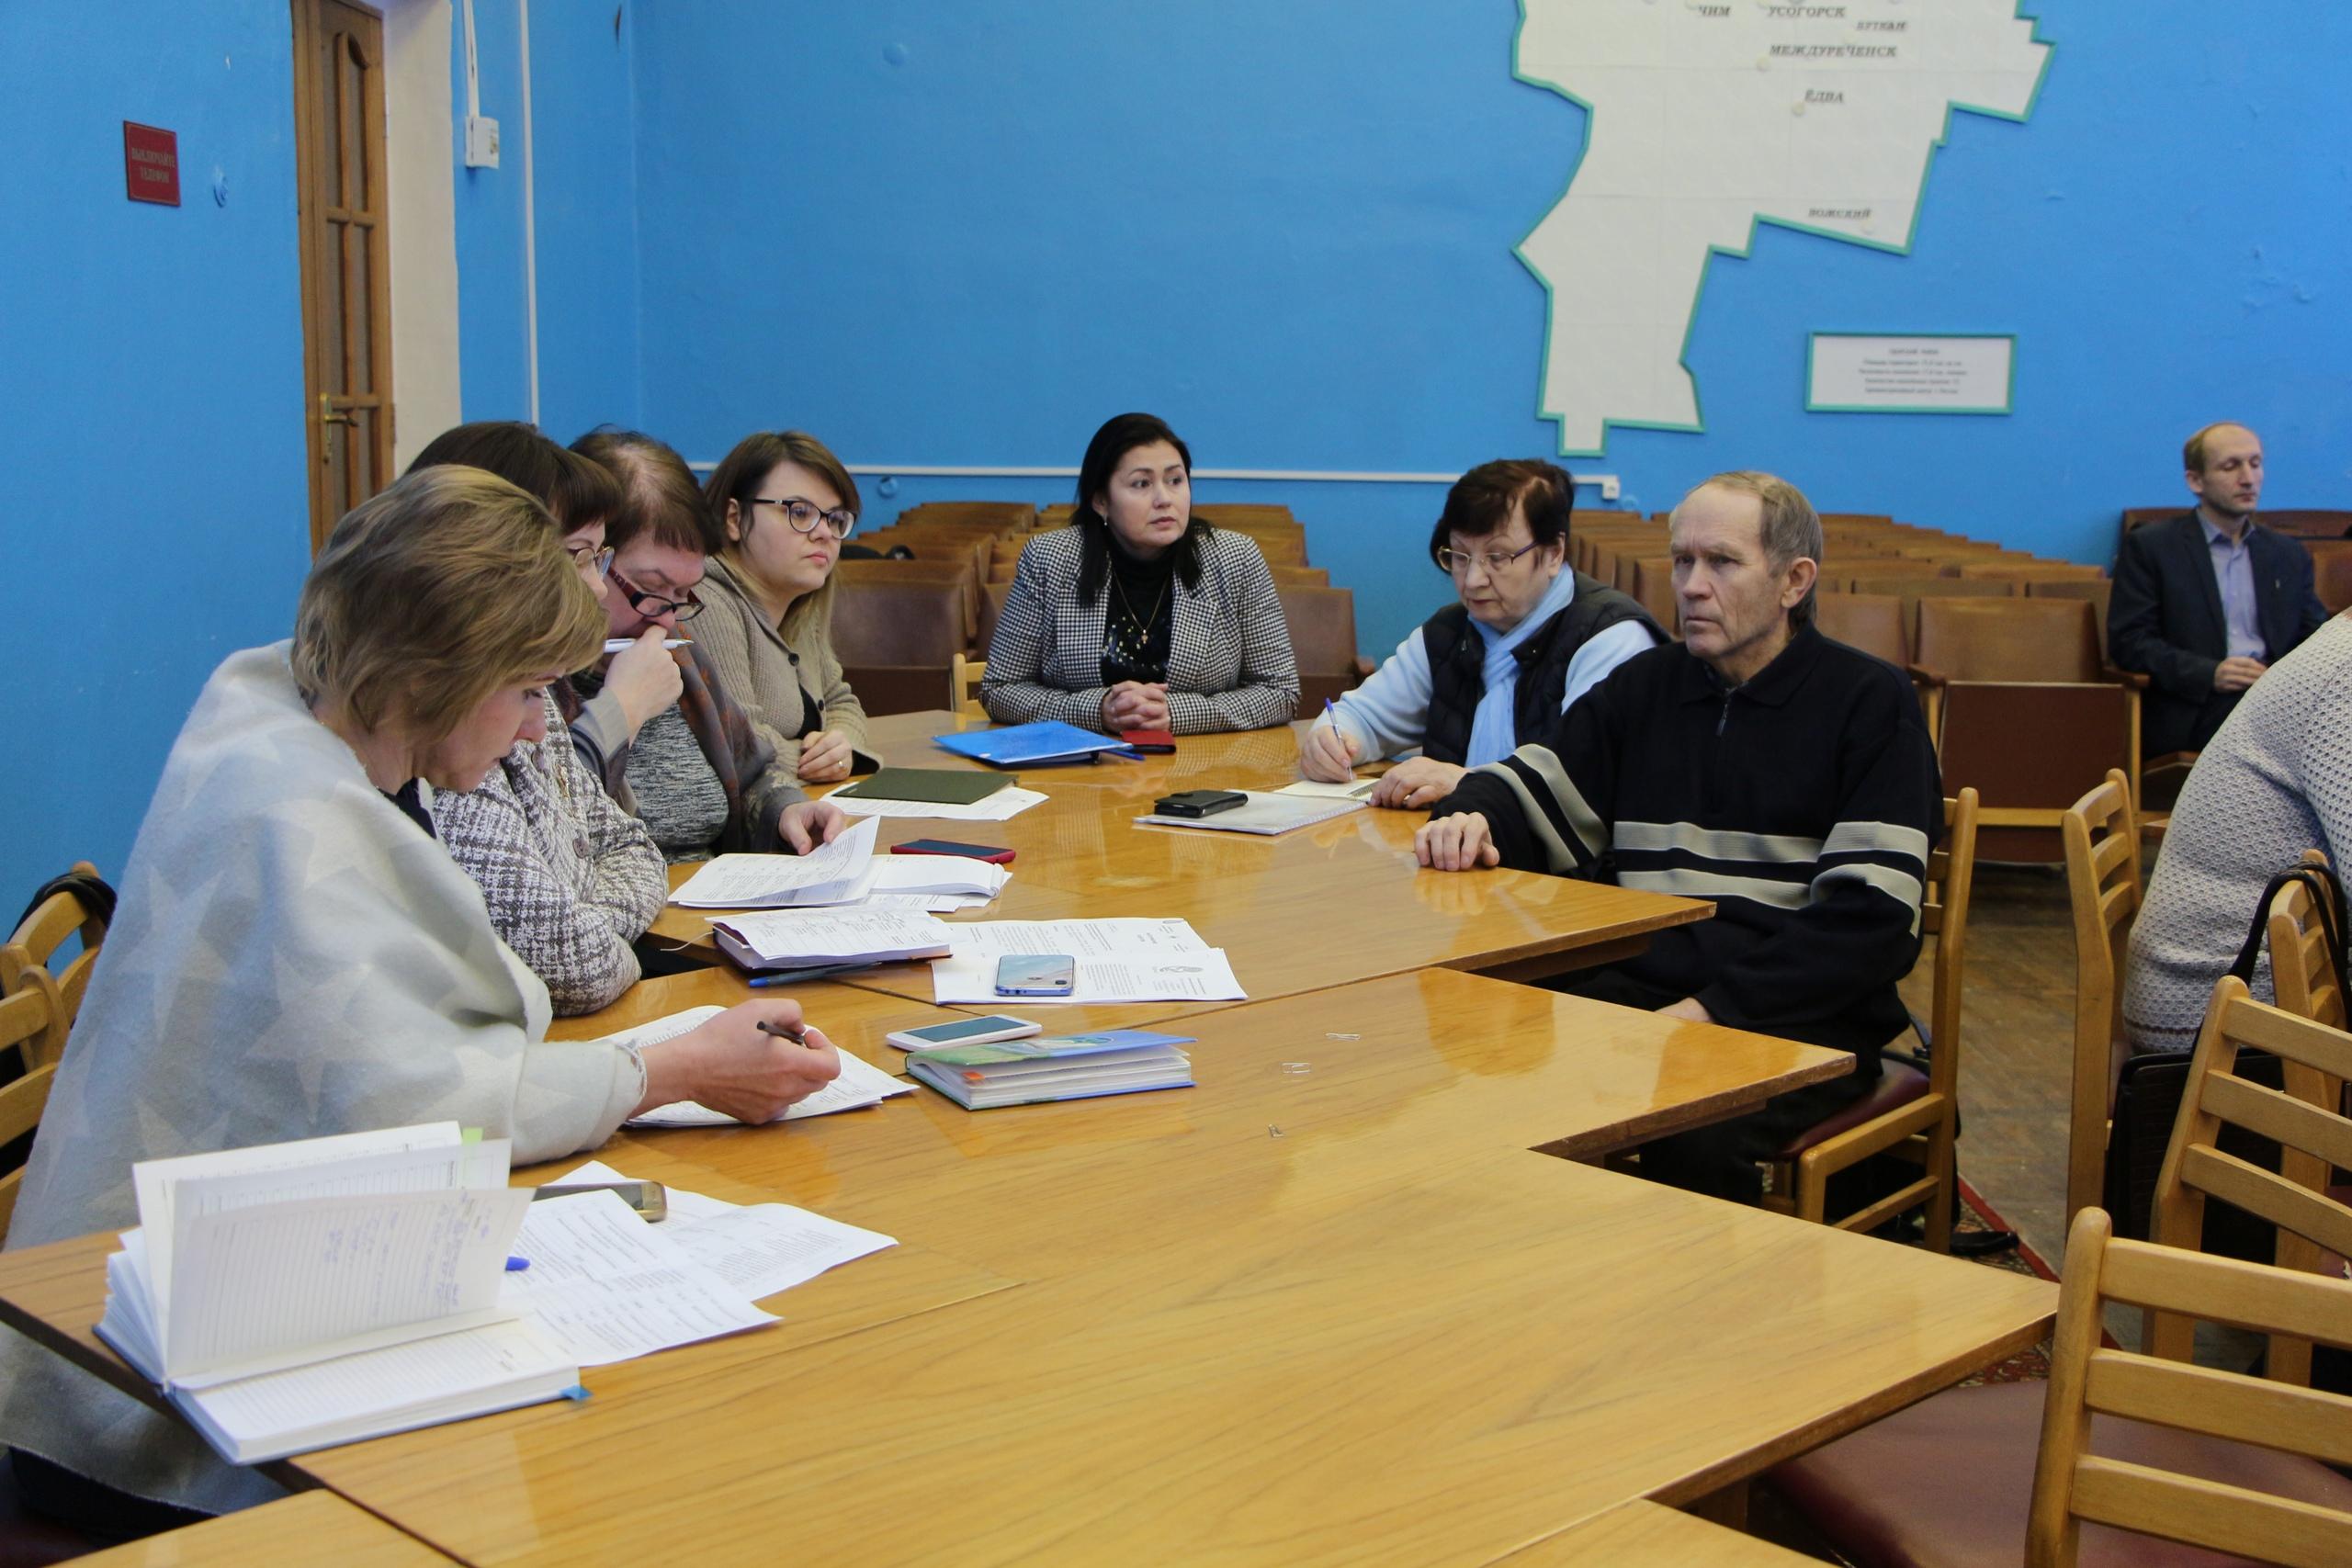 Администрация района и ООО «Лузалес» подписали соглашение о социально-экономическом партнерстве на 2020 год